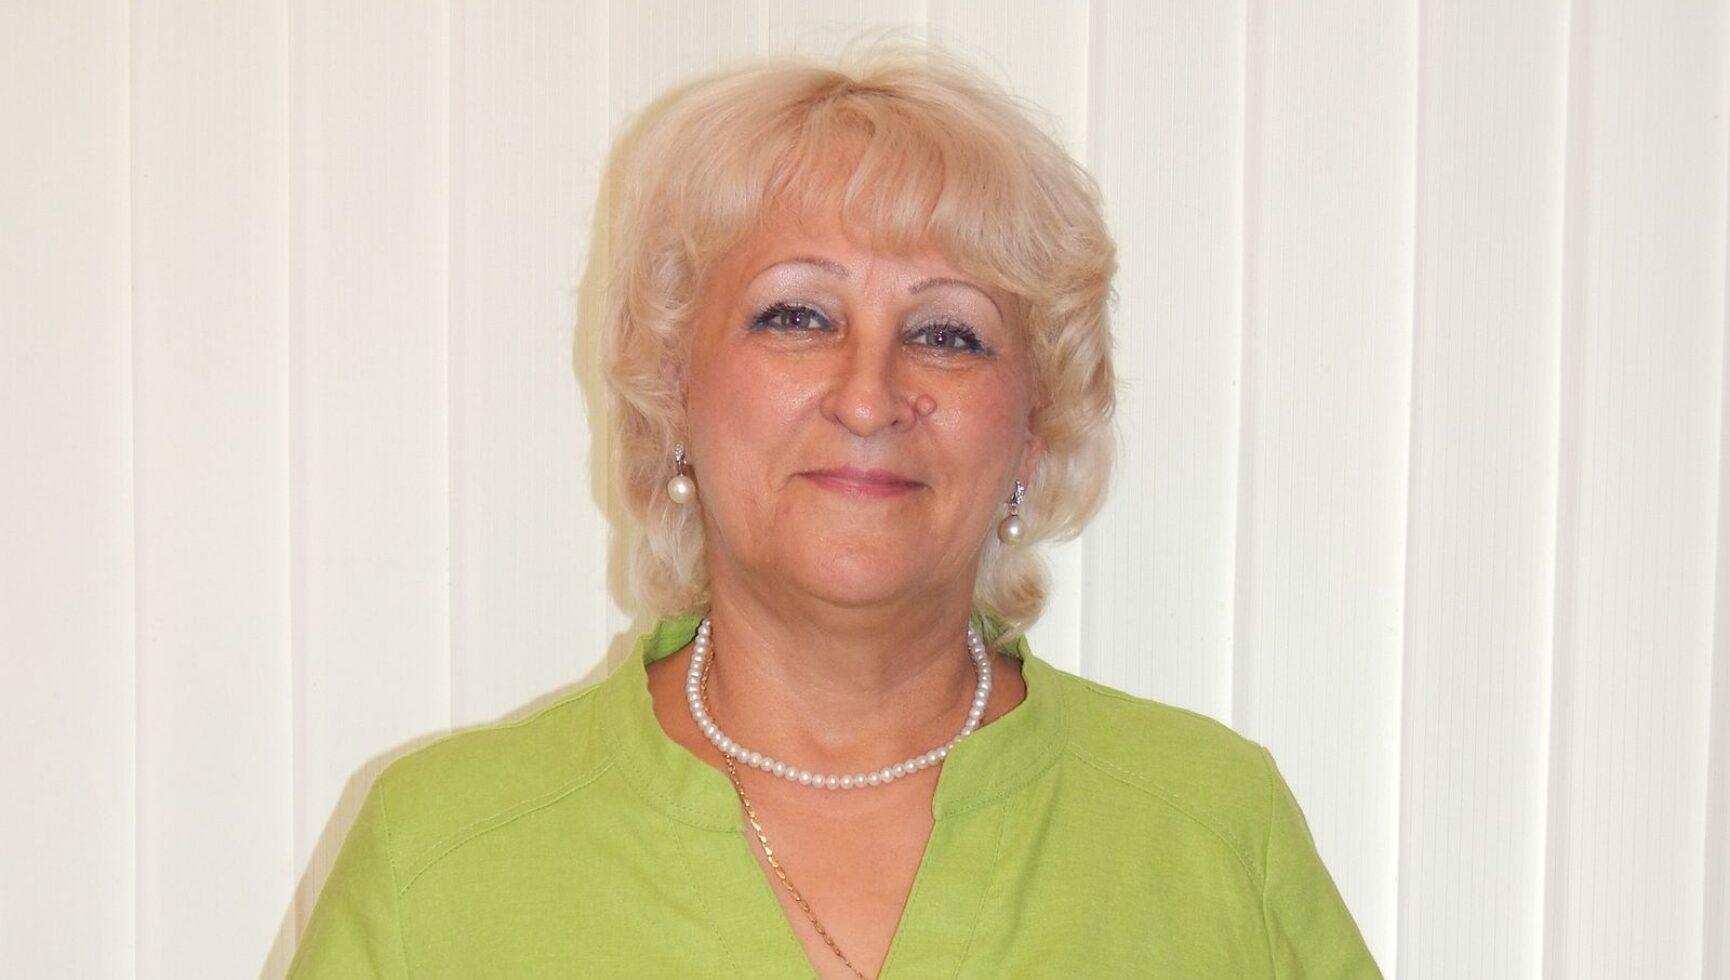 Поздравляем Минаеву Антонину Викторовну, главу муниципального образования Красноярское Киреевского района, с юбилеем!